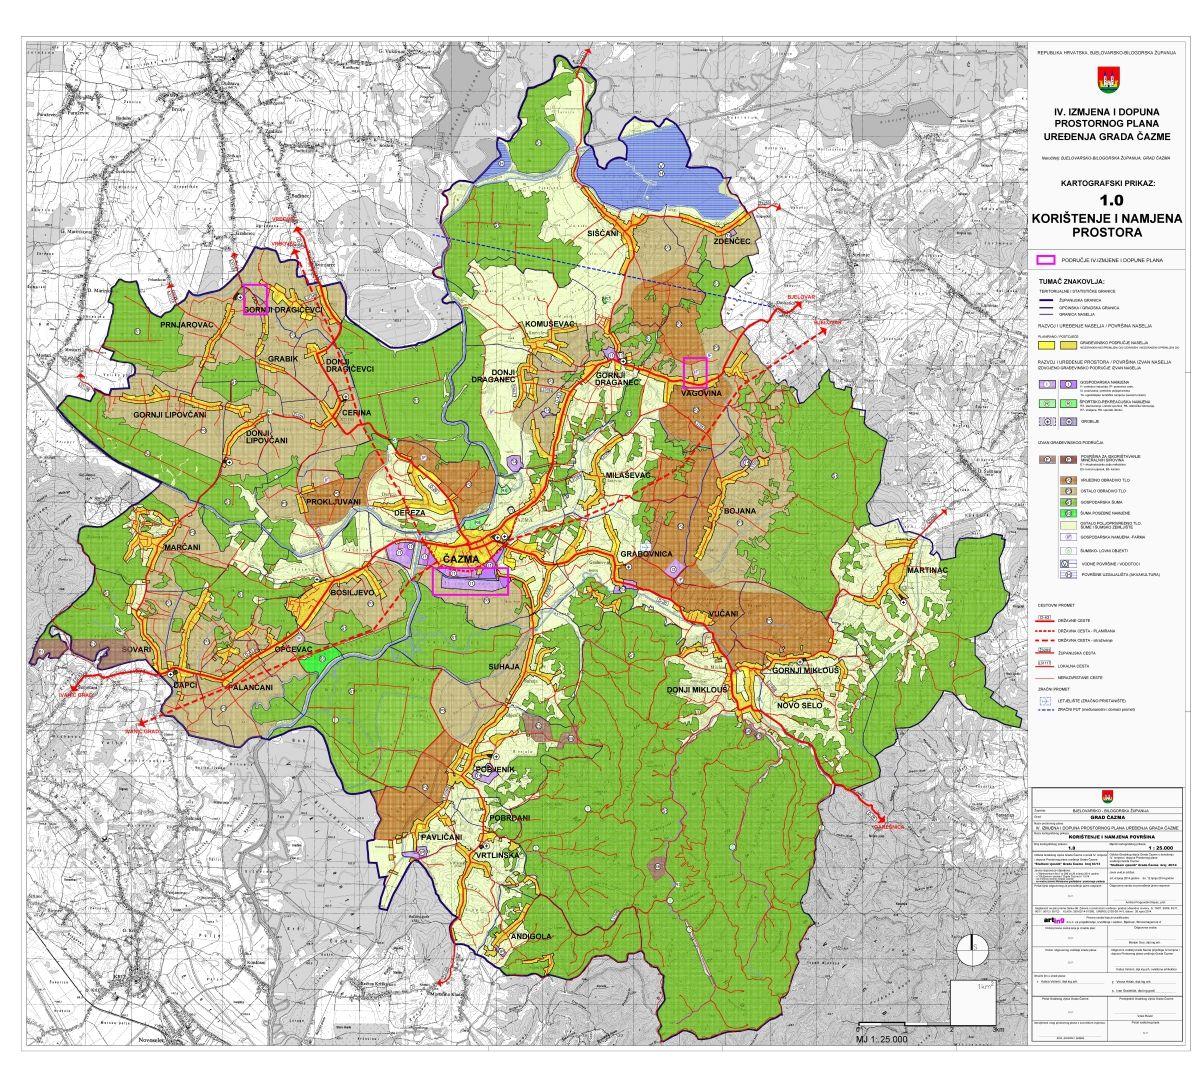 Prostorni plan uređenja Grada Čazme, IV. izmjene i dopune